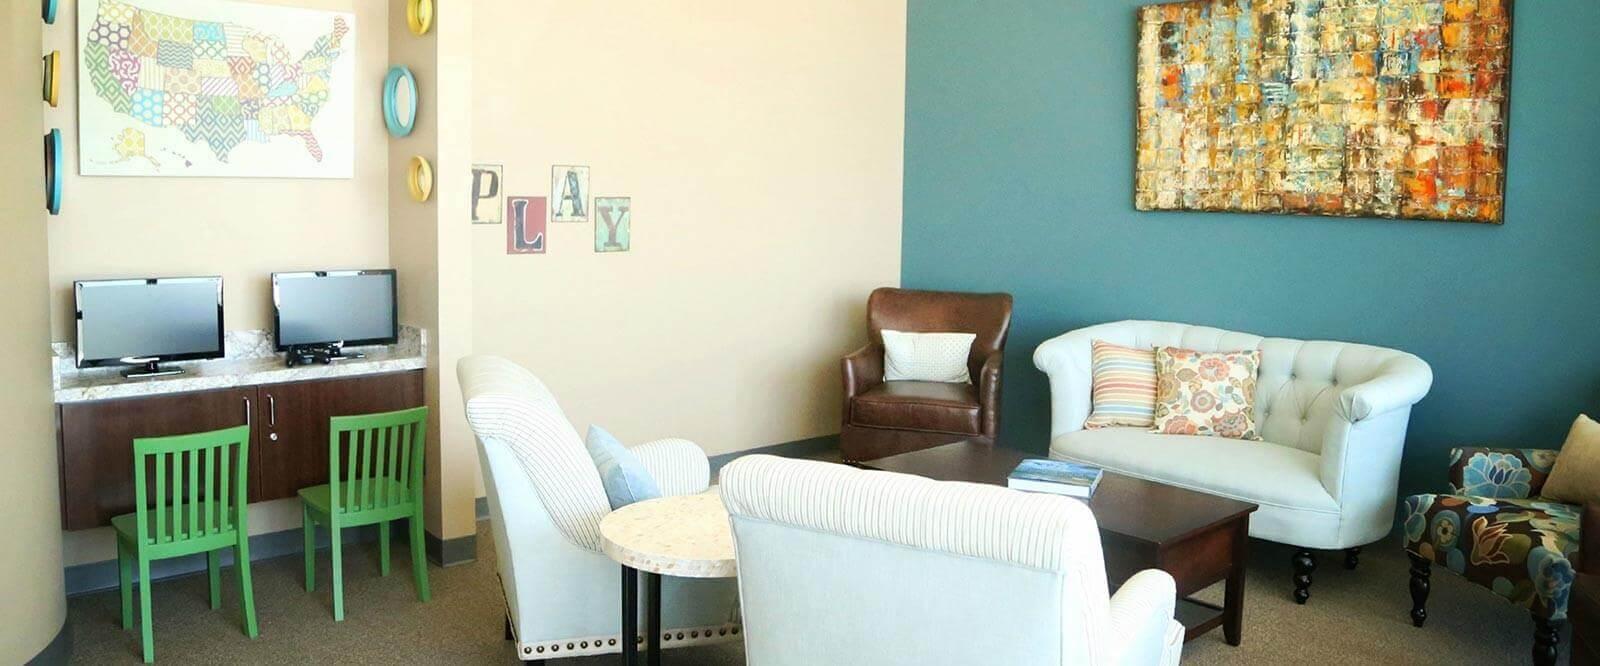 Waiting Room - Overland Park Family Dental